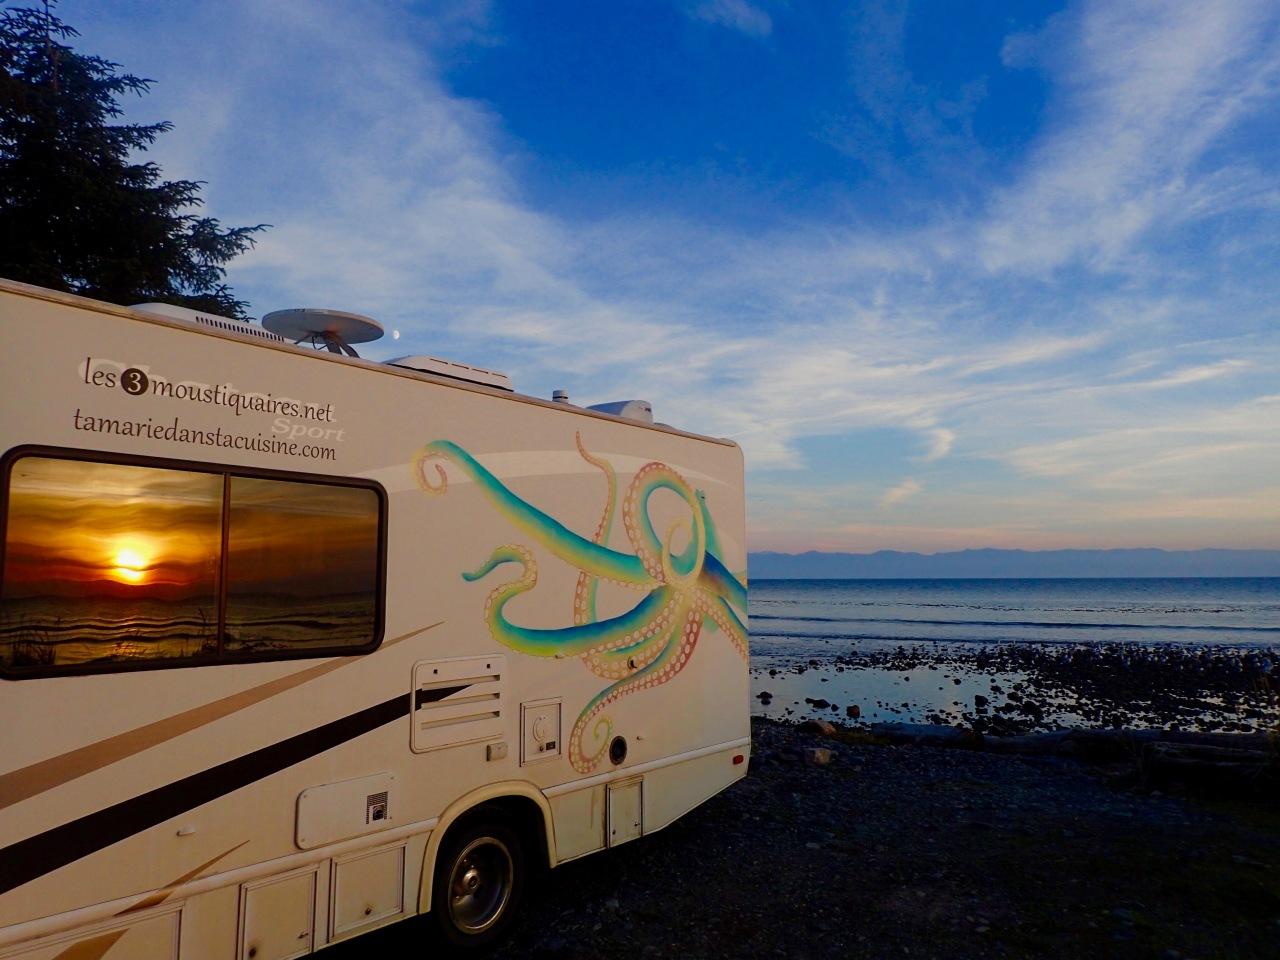 Une petite tournée dans notre pays… Okanagan Valley, Whistler, Vancouver et Victoria…2018